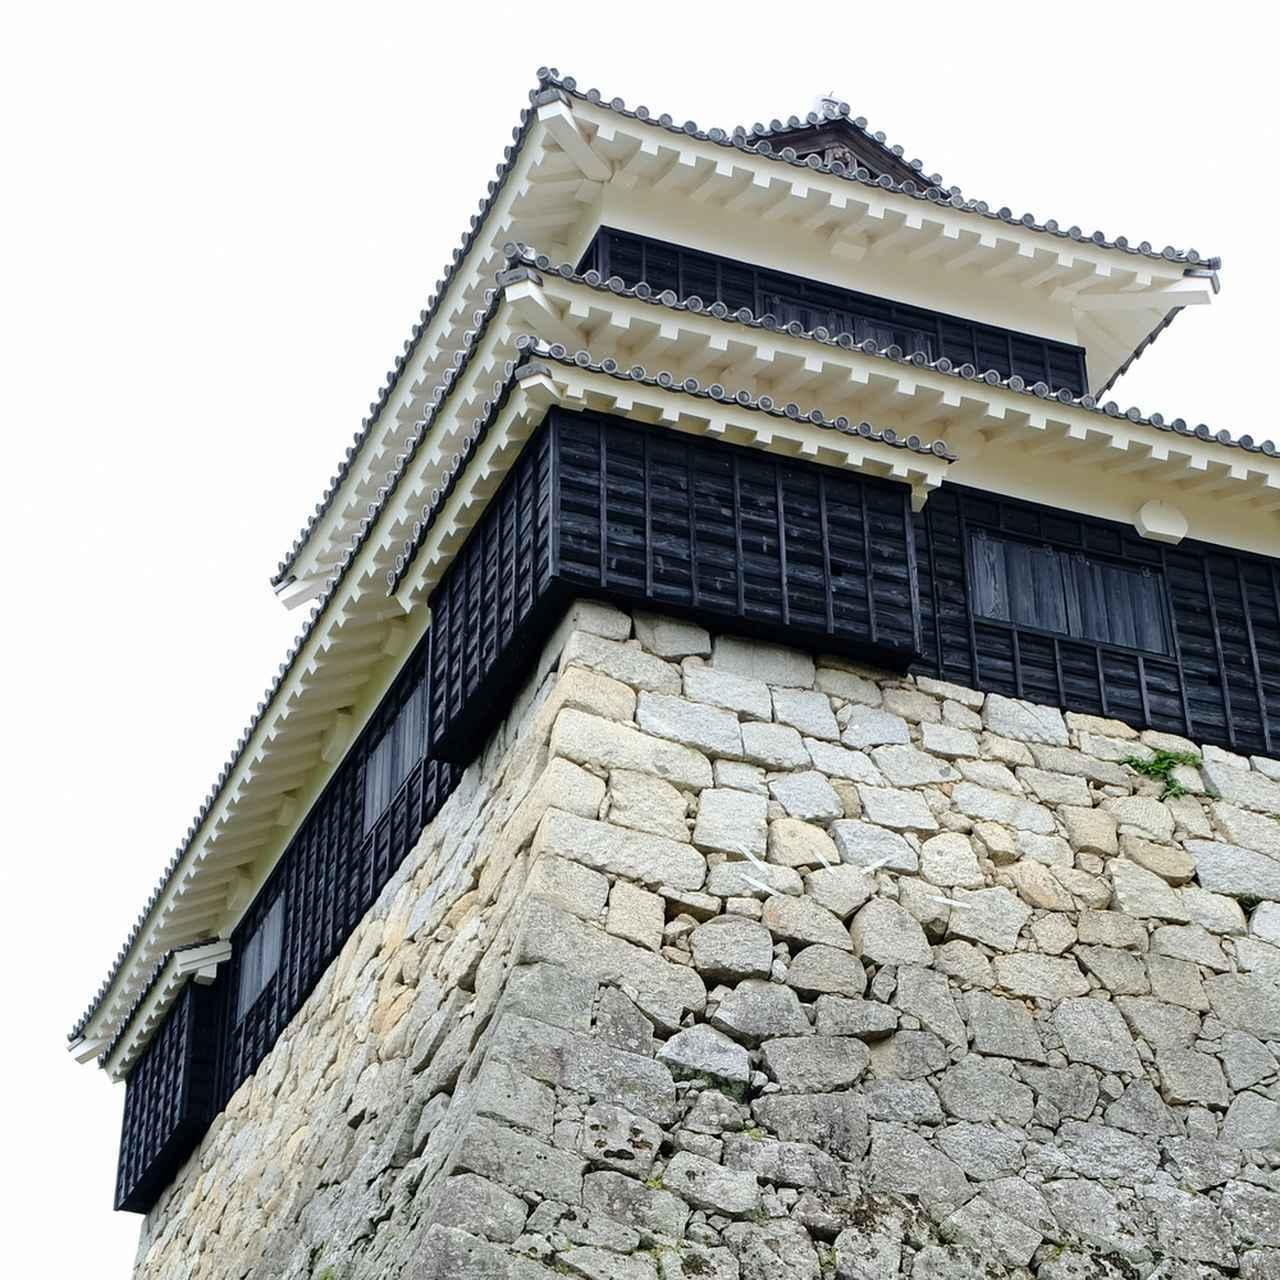 画像: 櫓には「石落とし」が見られます。登ろうにも石や鉄砲の玉がここから降ってきます。